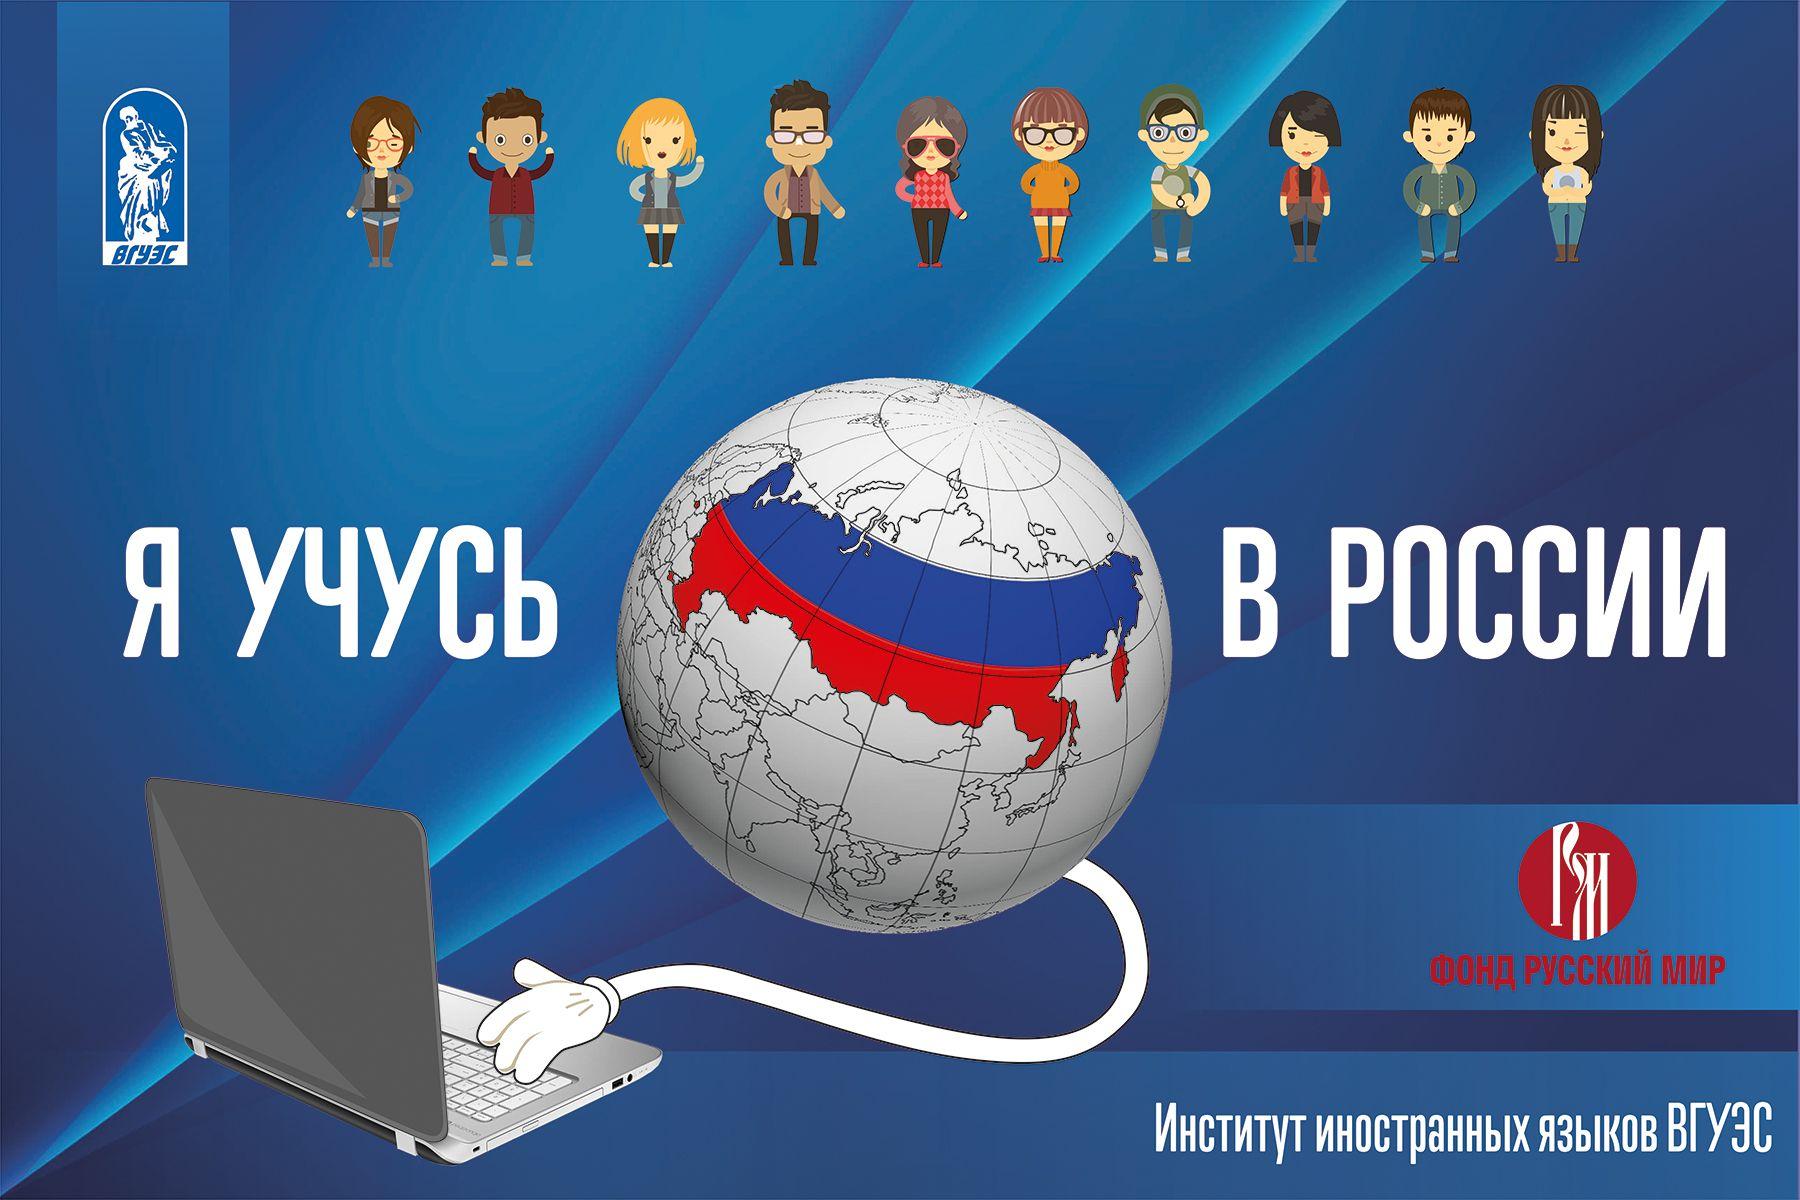 Во ВГУЭС стартовал Международный фестиваль «Я учусь в России»: впервые участвуют студенты из Индии, Египта, Анголы, Туниса и Марокко